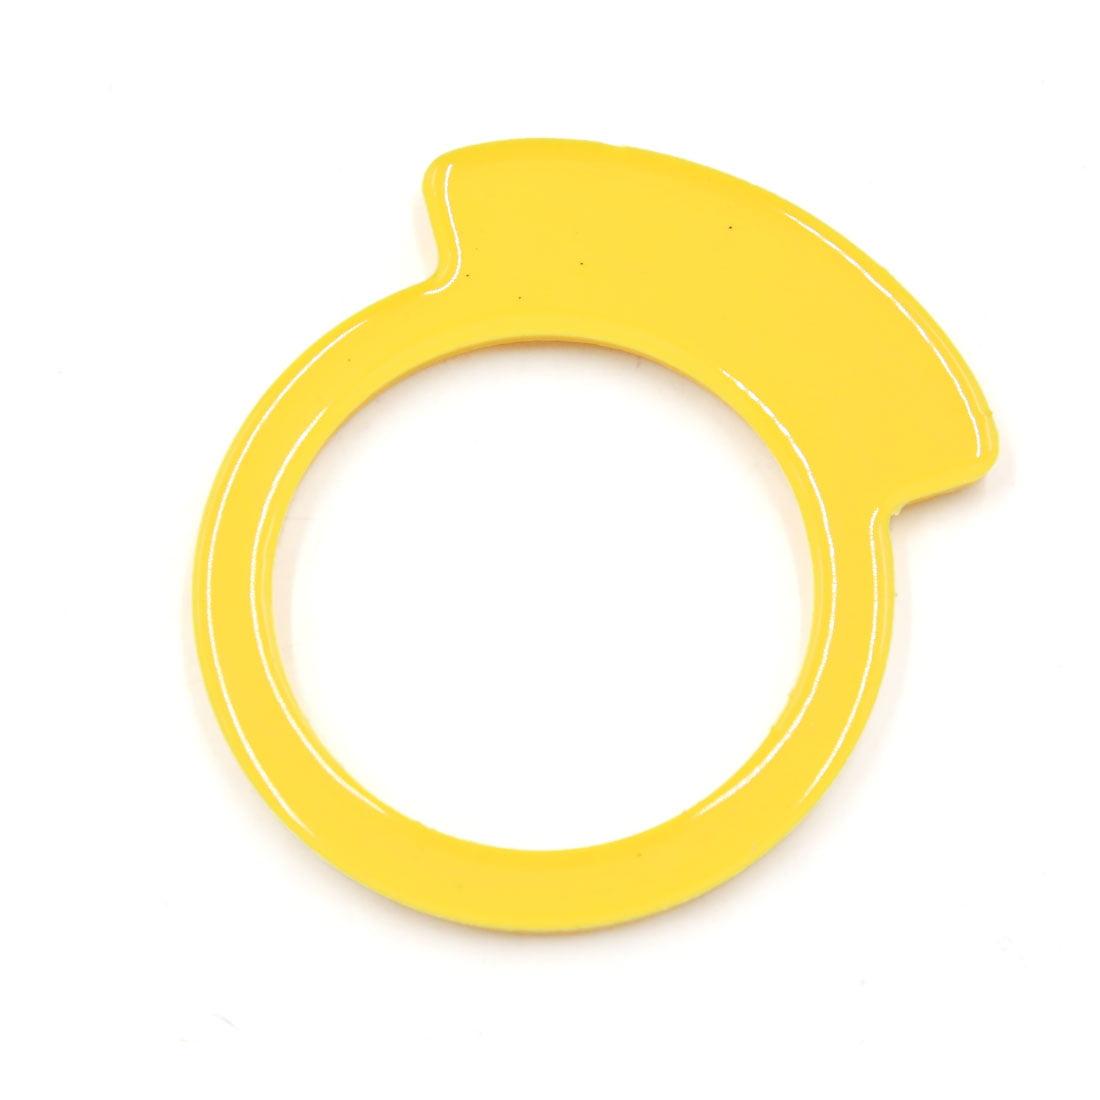 [object Object] - image 1 de 2